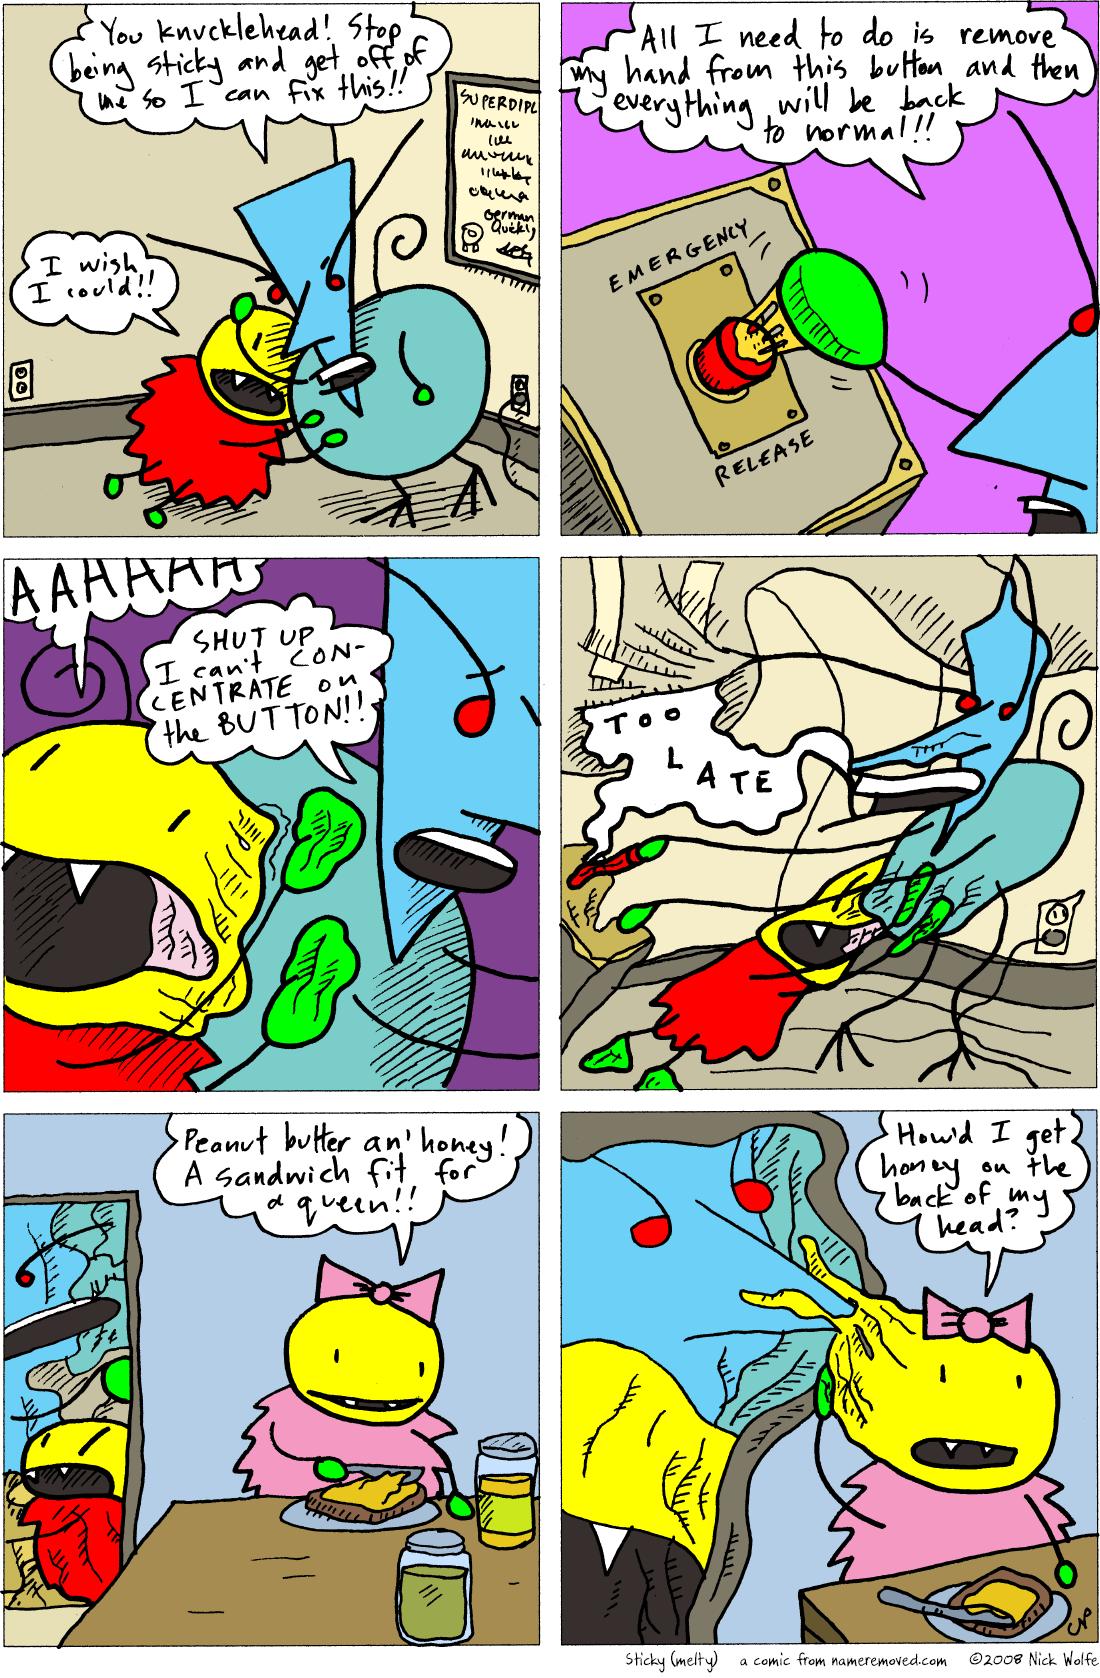 Sticky (melty)